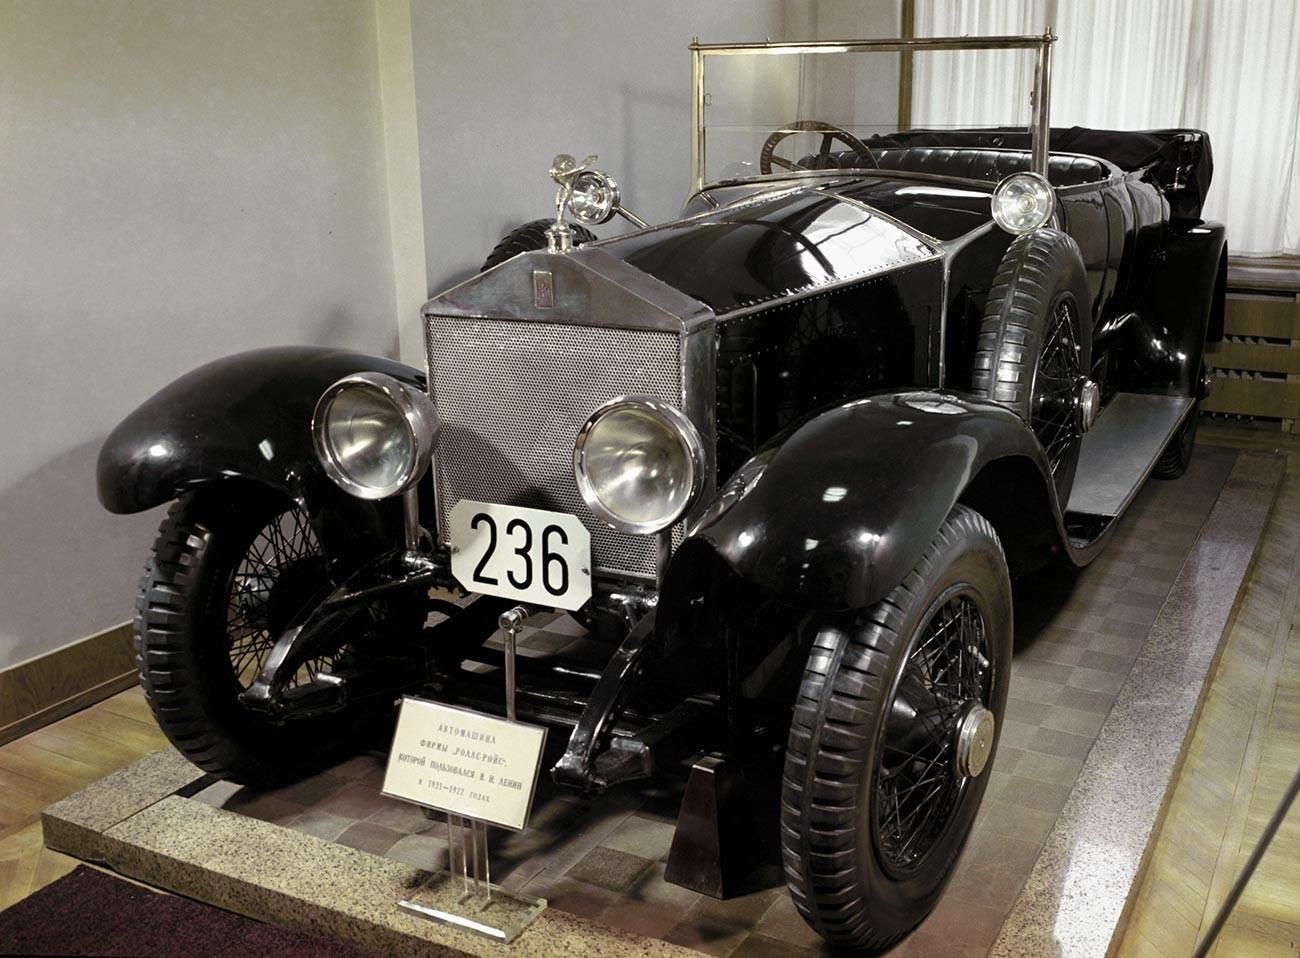 Аутомобил Rolls Royce који је Лењин користио 1921-1922.